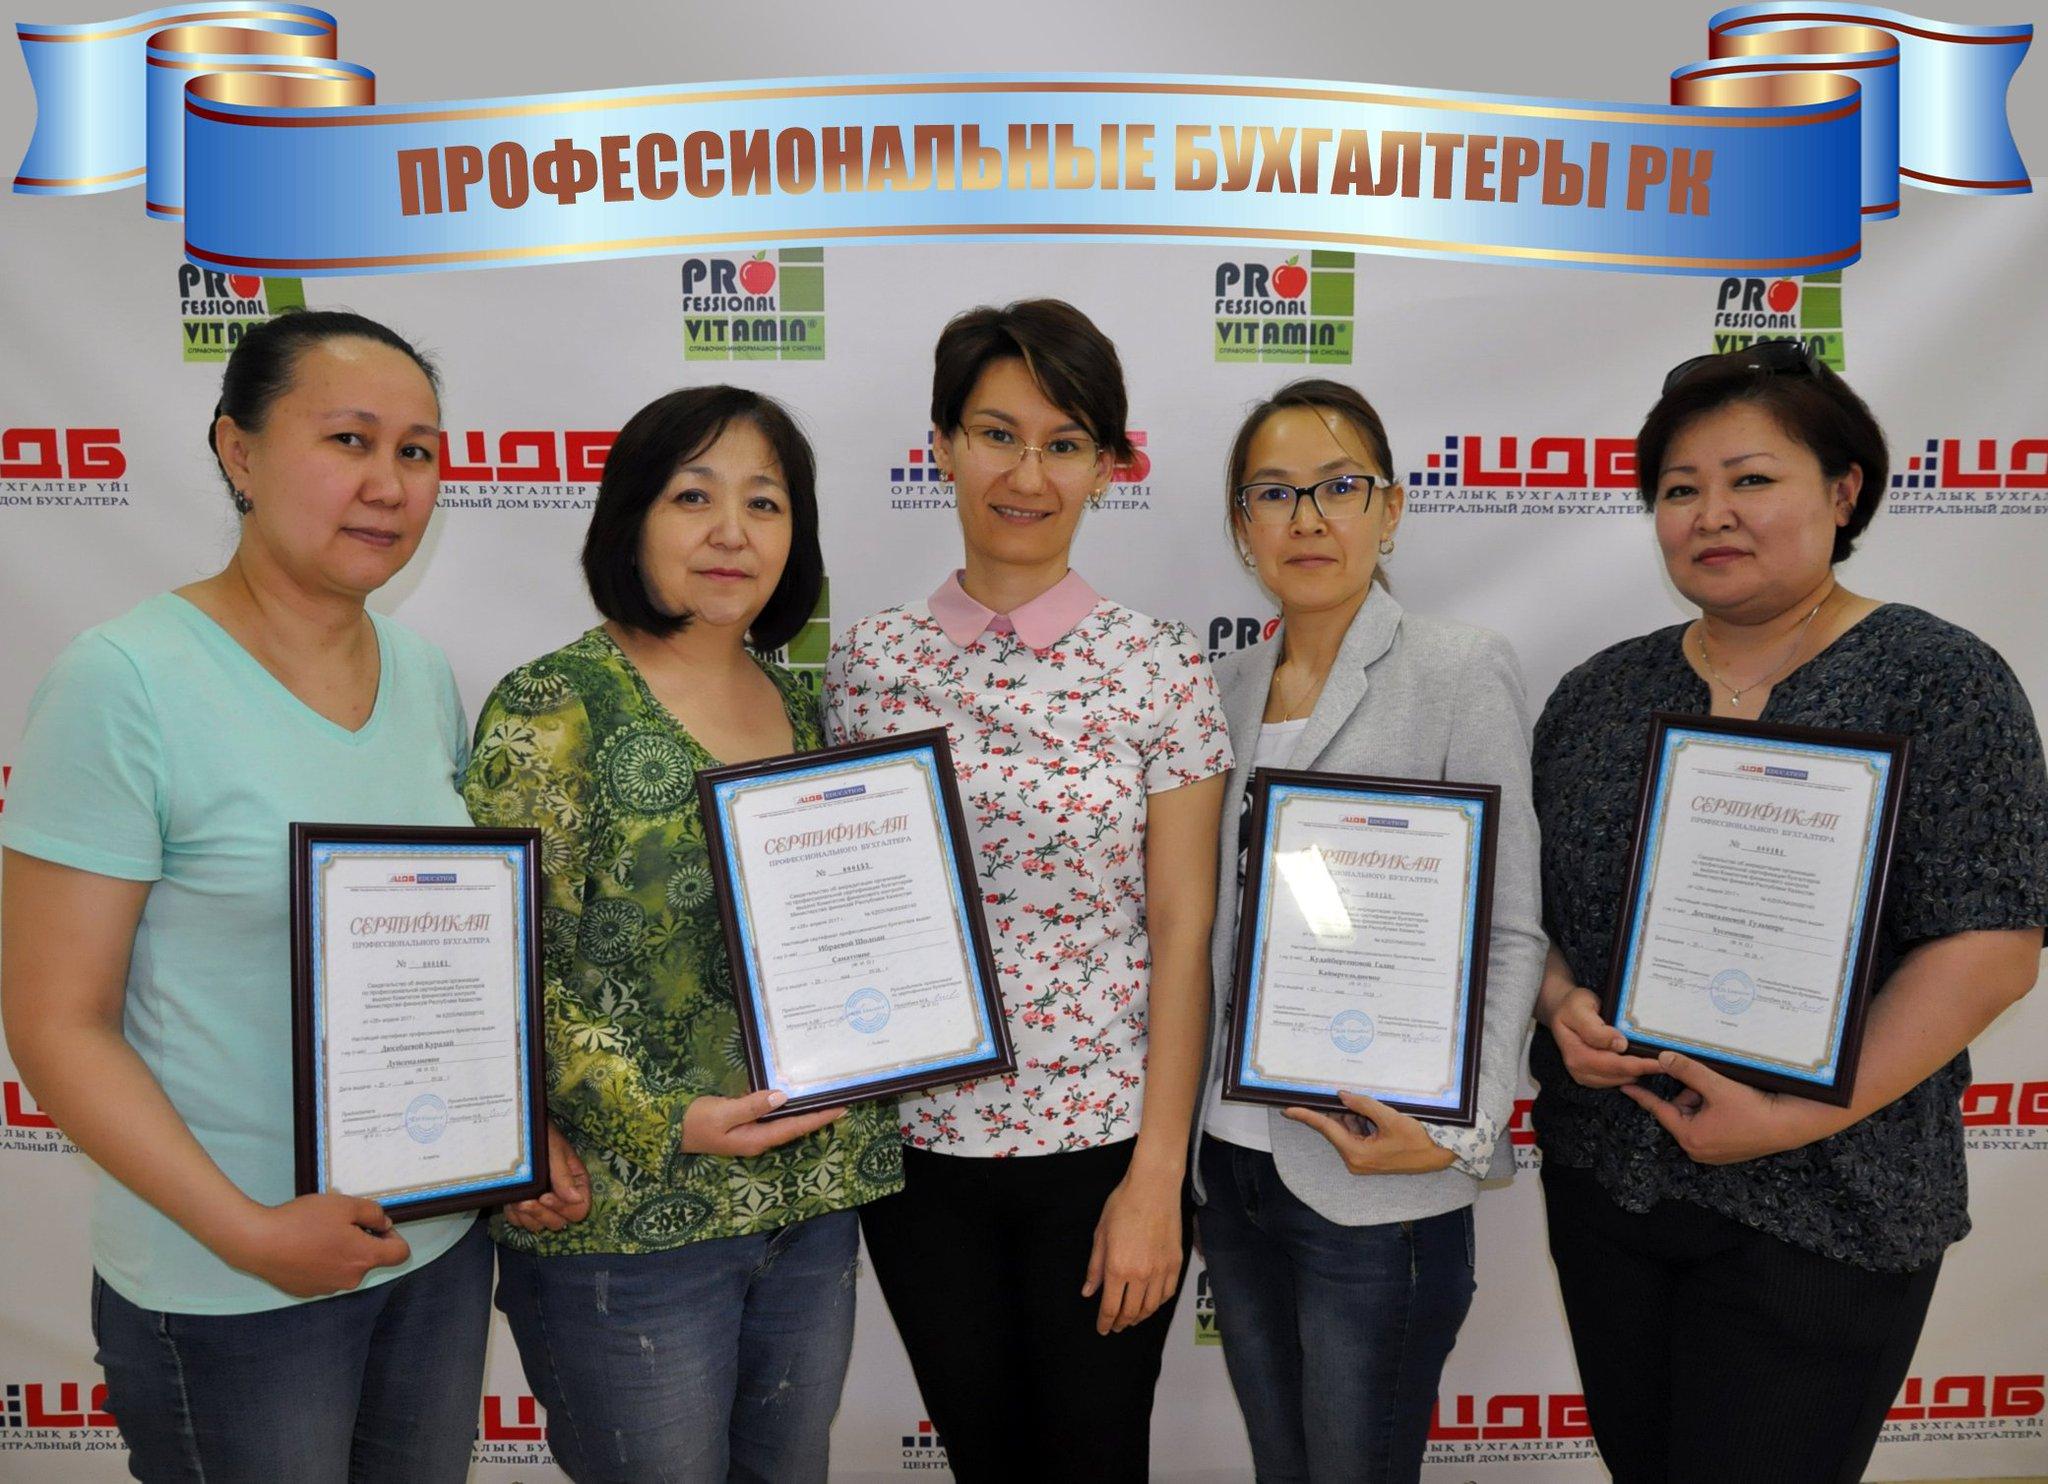 Дом бухгалтера в казахстане курсы бухгалтеров с последующим трудоустройством в москве